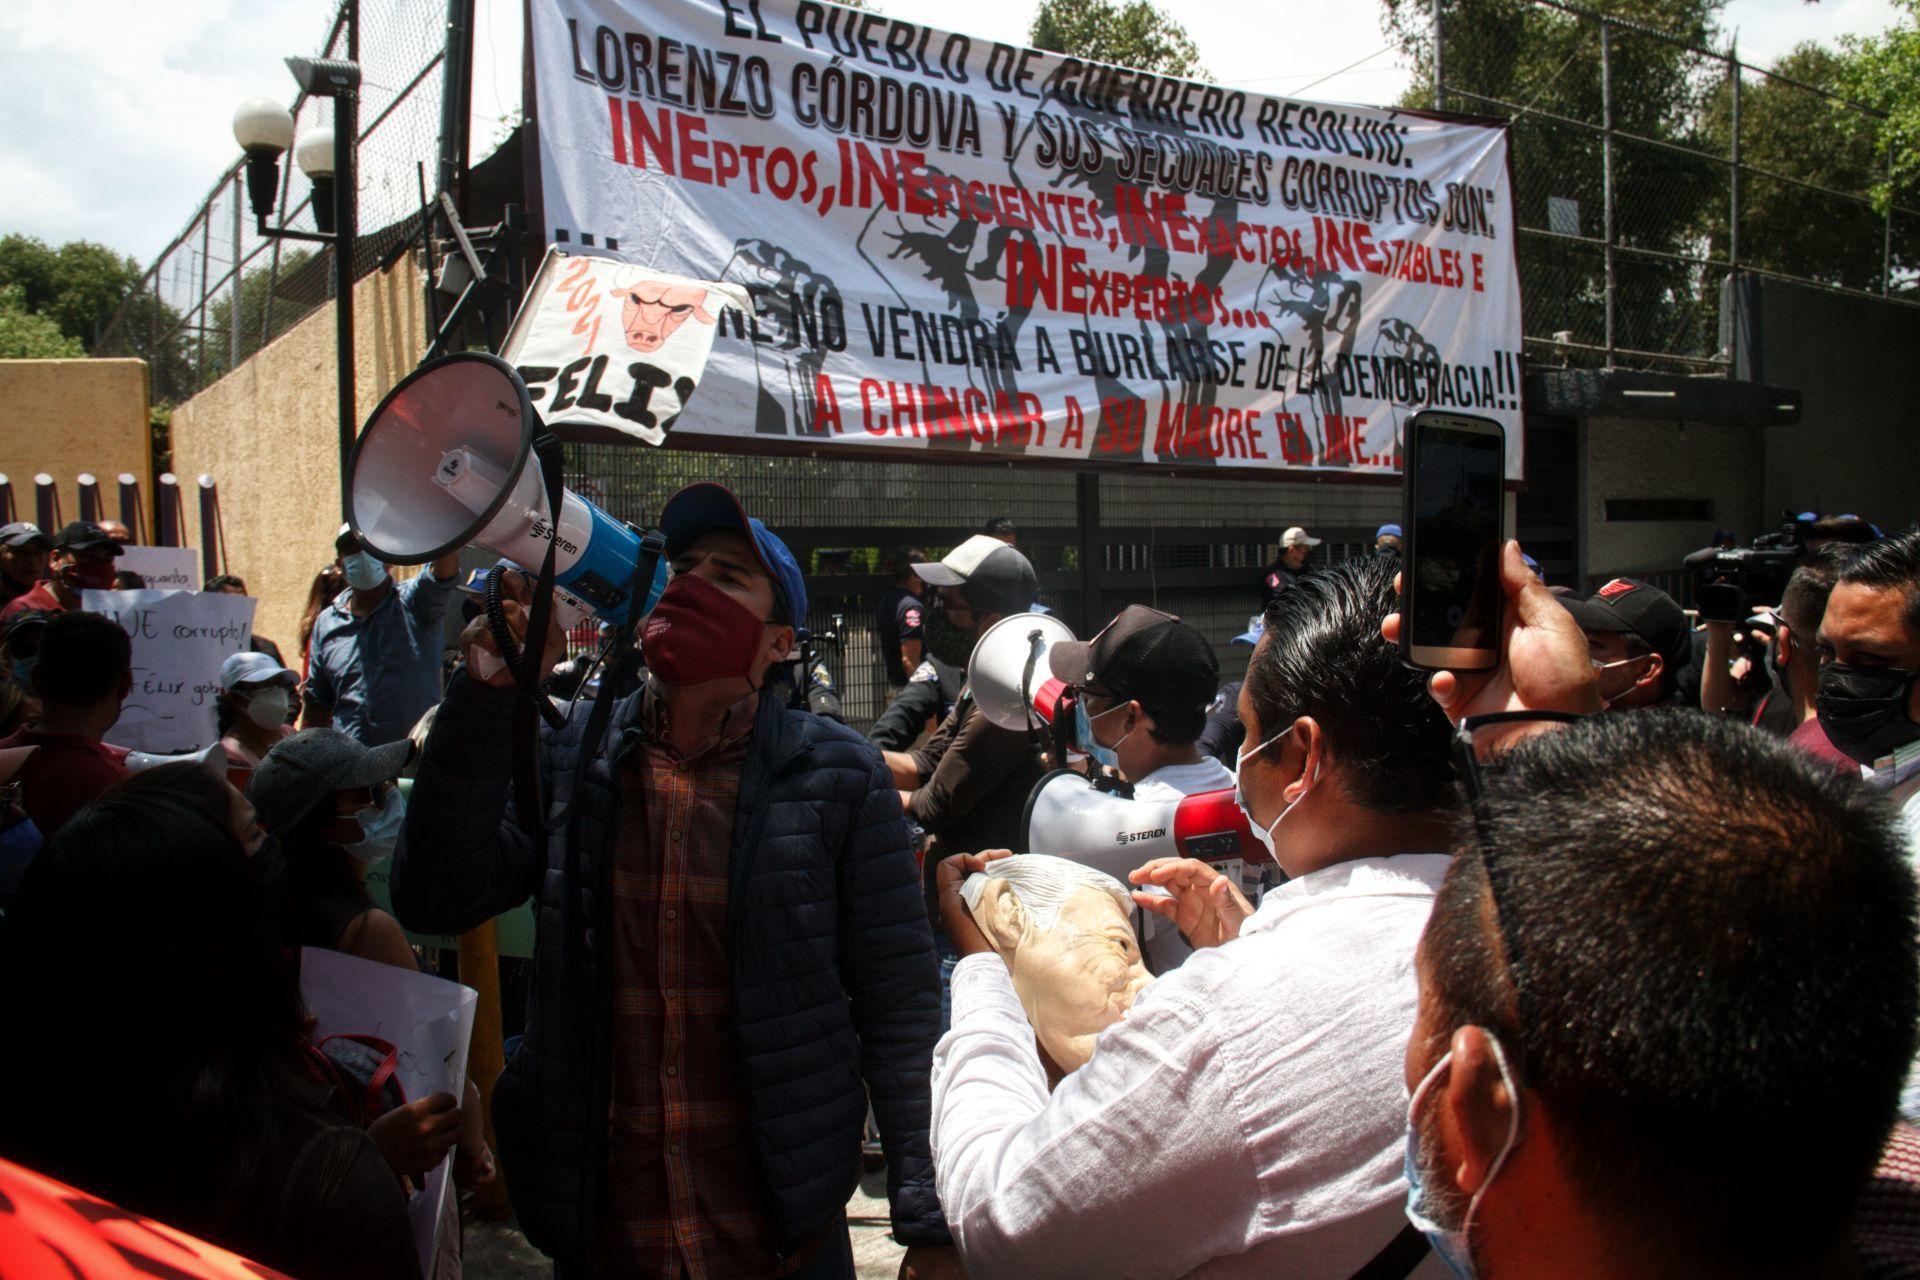 Protestantes exigen la renuncia de Lorenzo Córdoba a su cargo como consejero presidente del INE así como el regreso de la candidatura a Salgado.